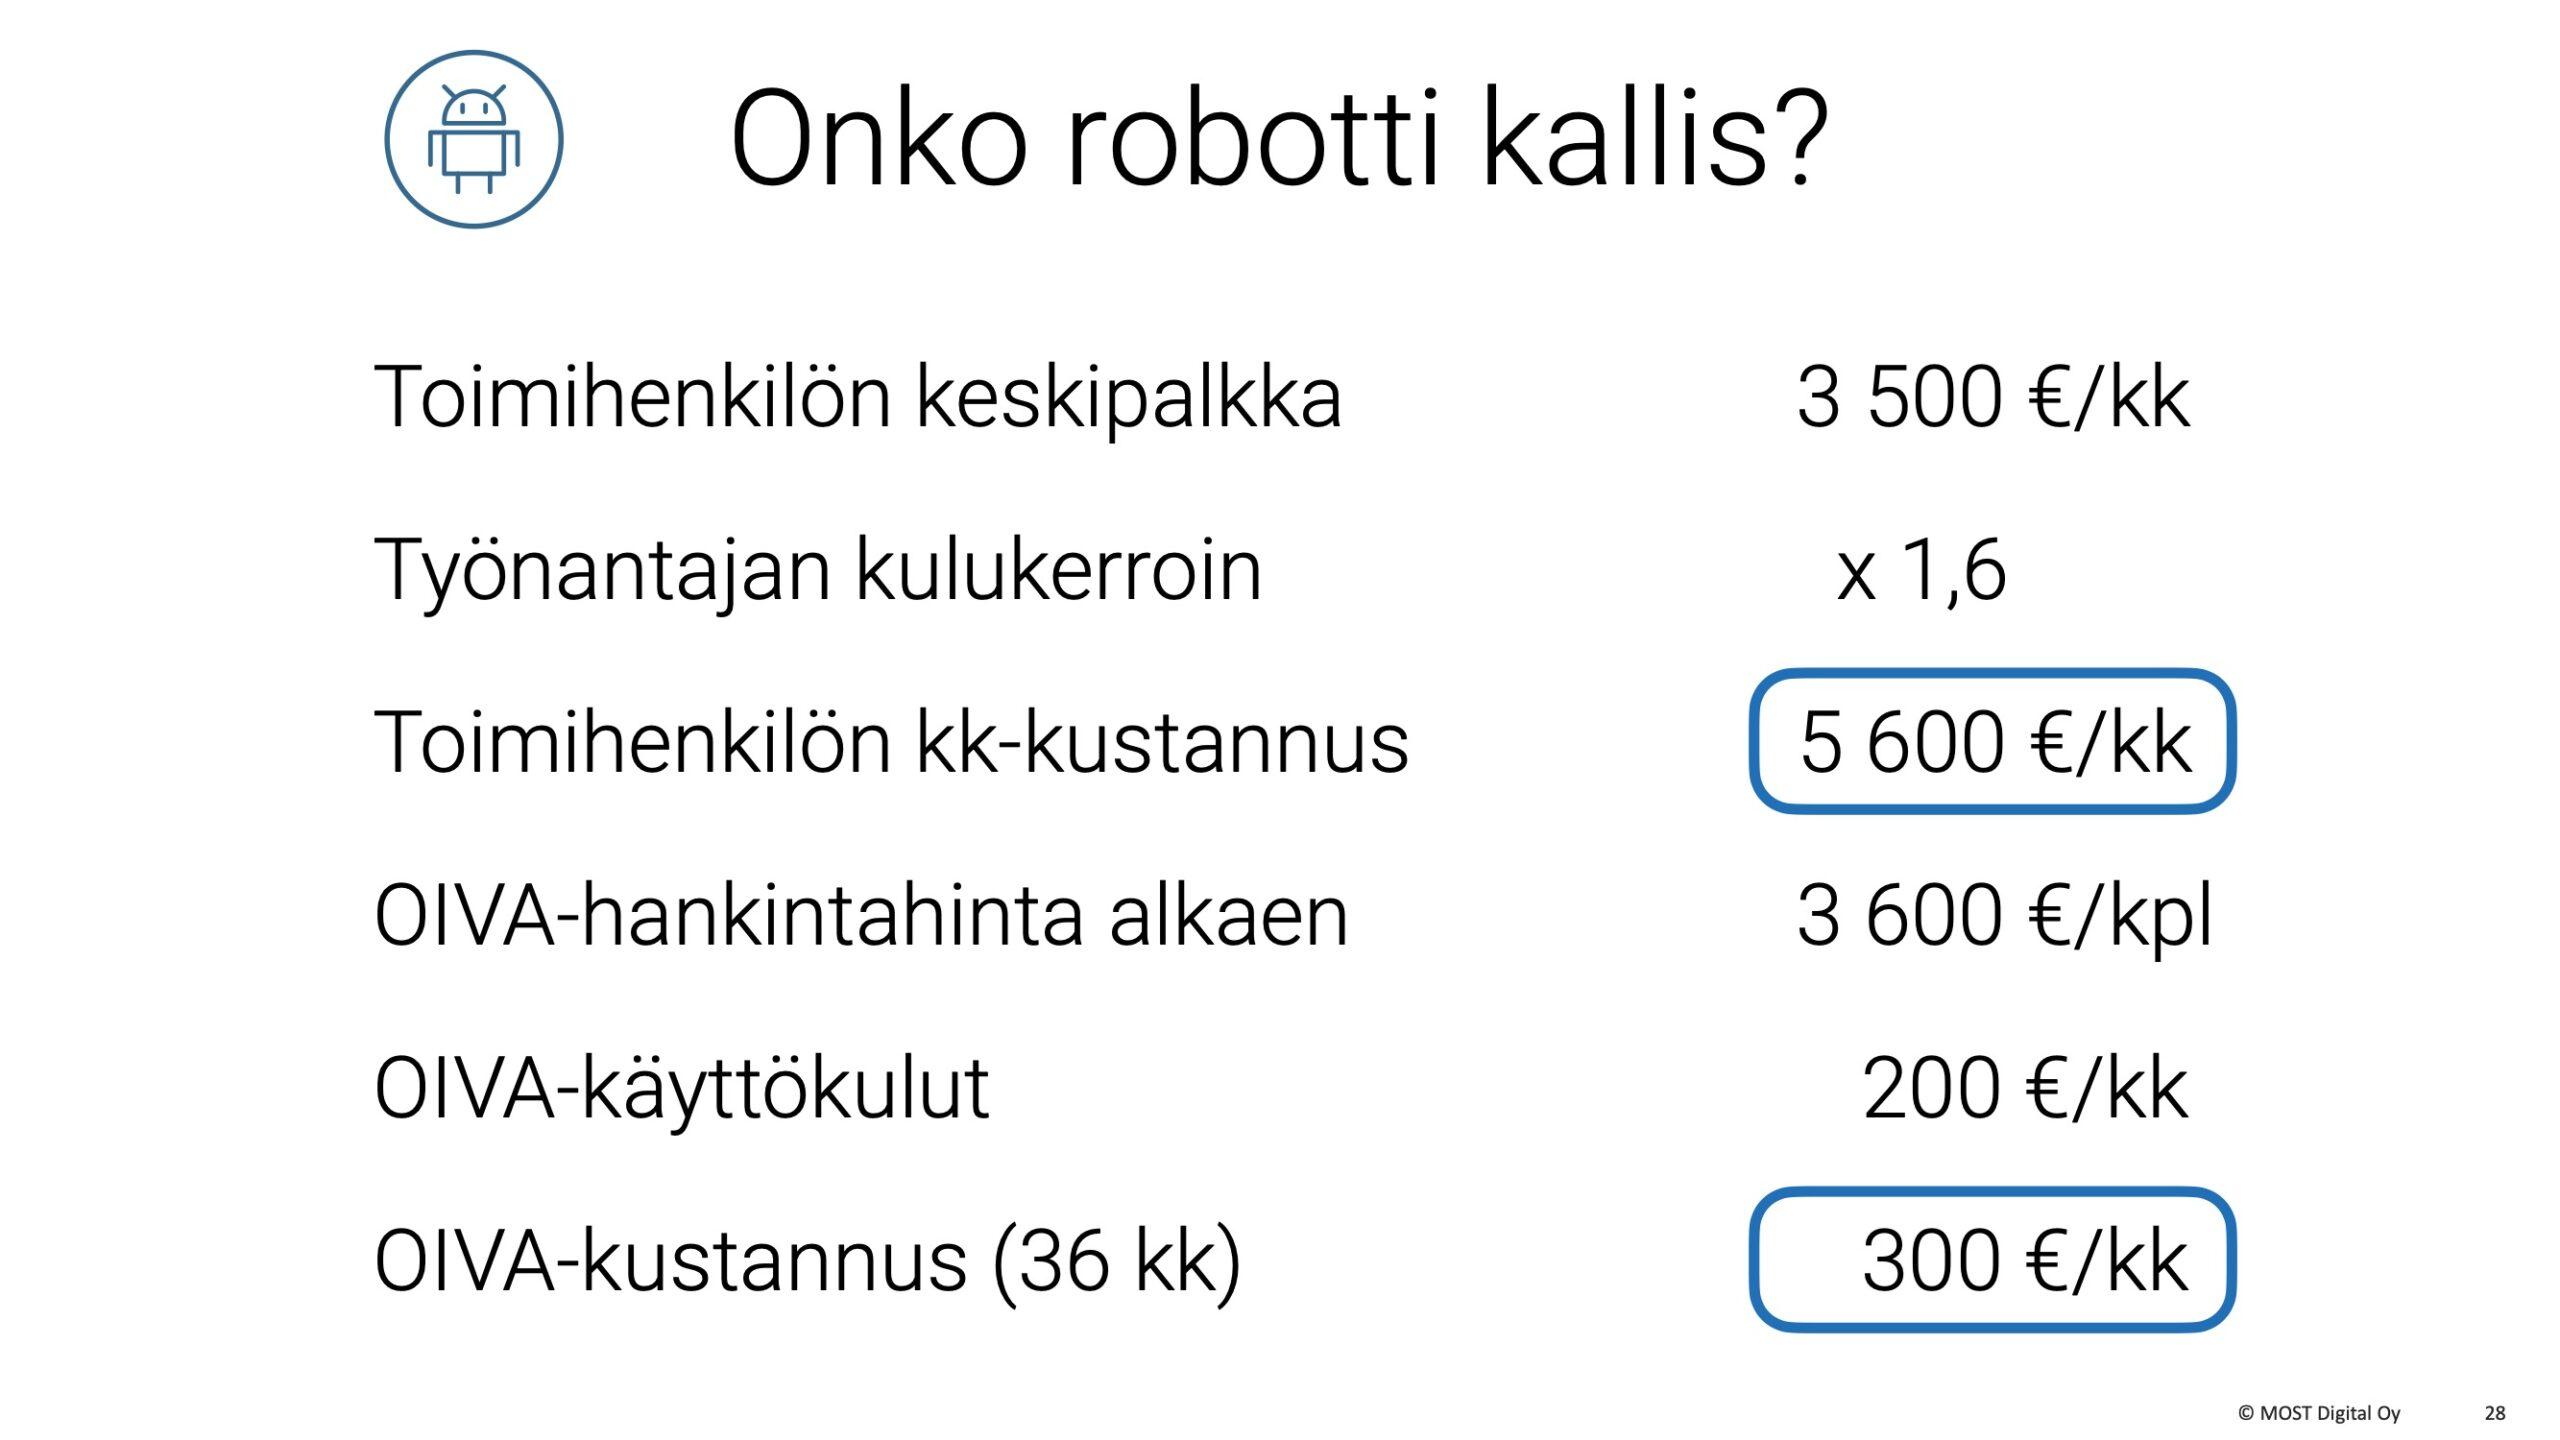 OIVA-ohjelmistorobotti, MYYNTIESITYS, osa 2, sivu 11: Tässä laskemme sekä keskihintaisen toimihenkilön että OIVA-robotin kuukausikustannuksen.